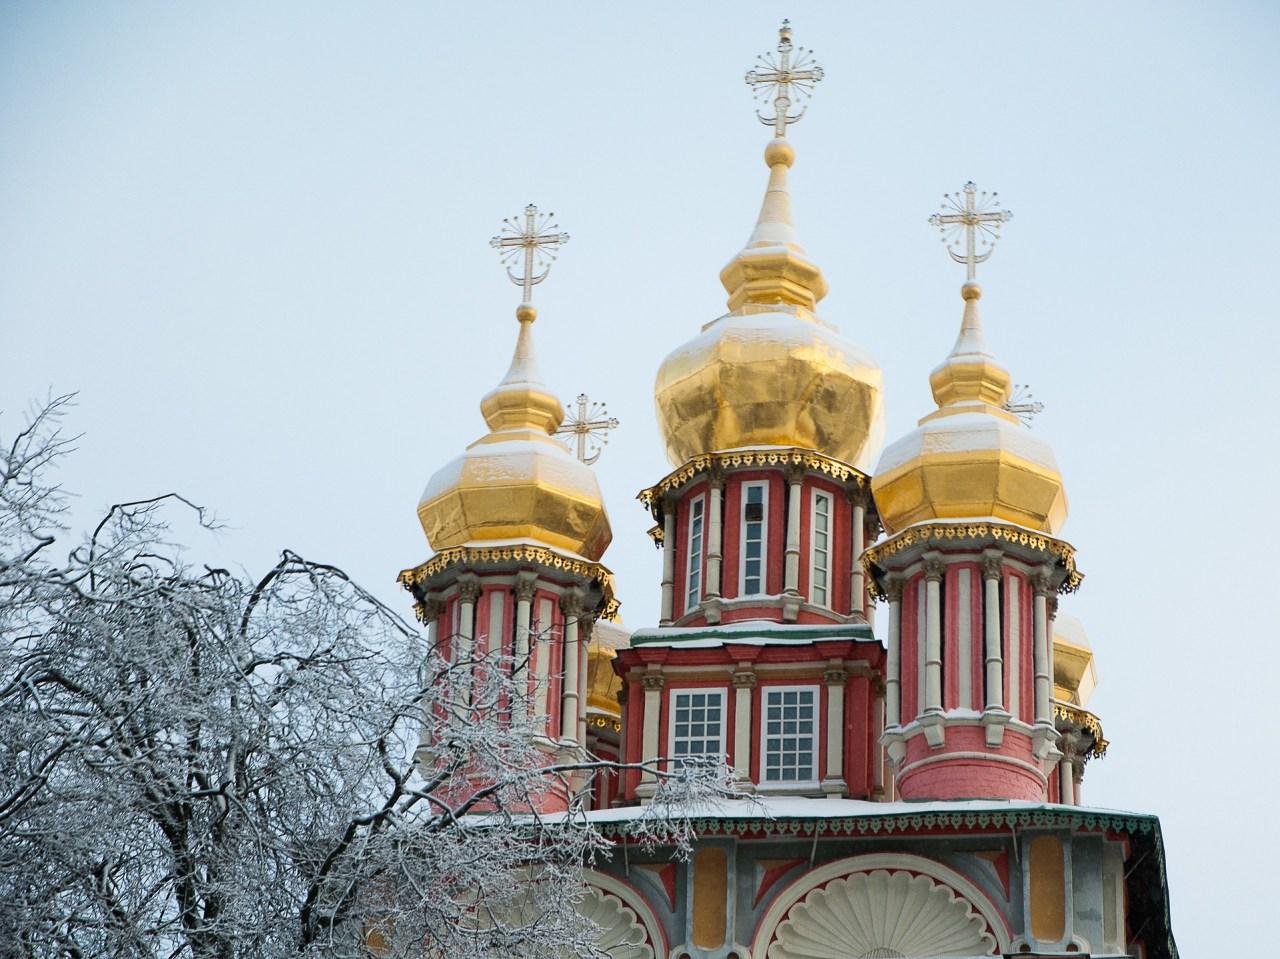 Ryssland kultur arkitektur reseinspiration